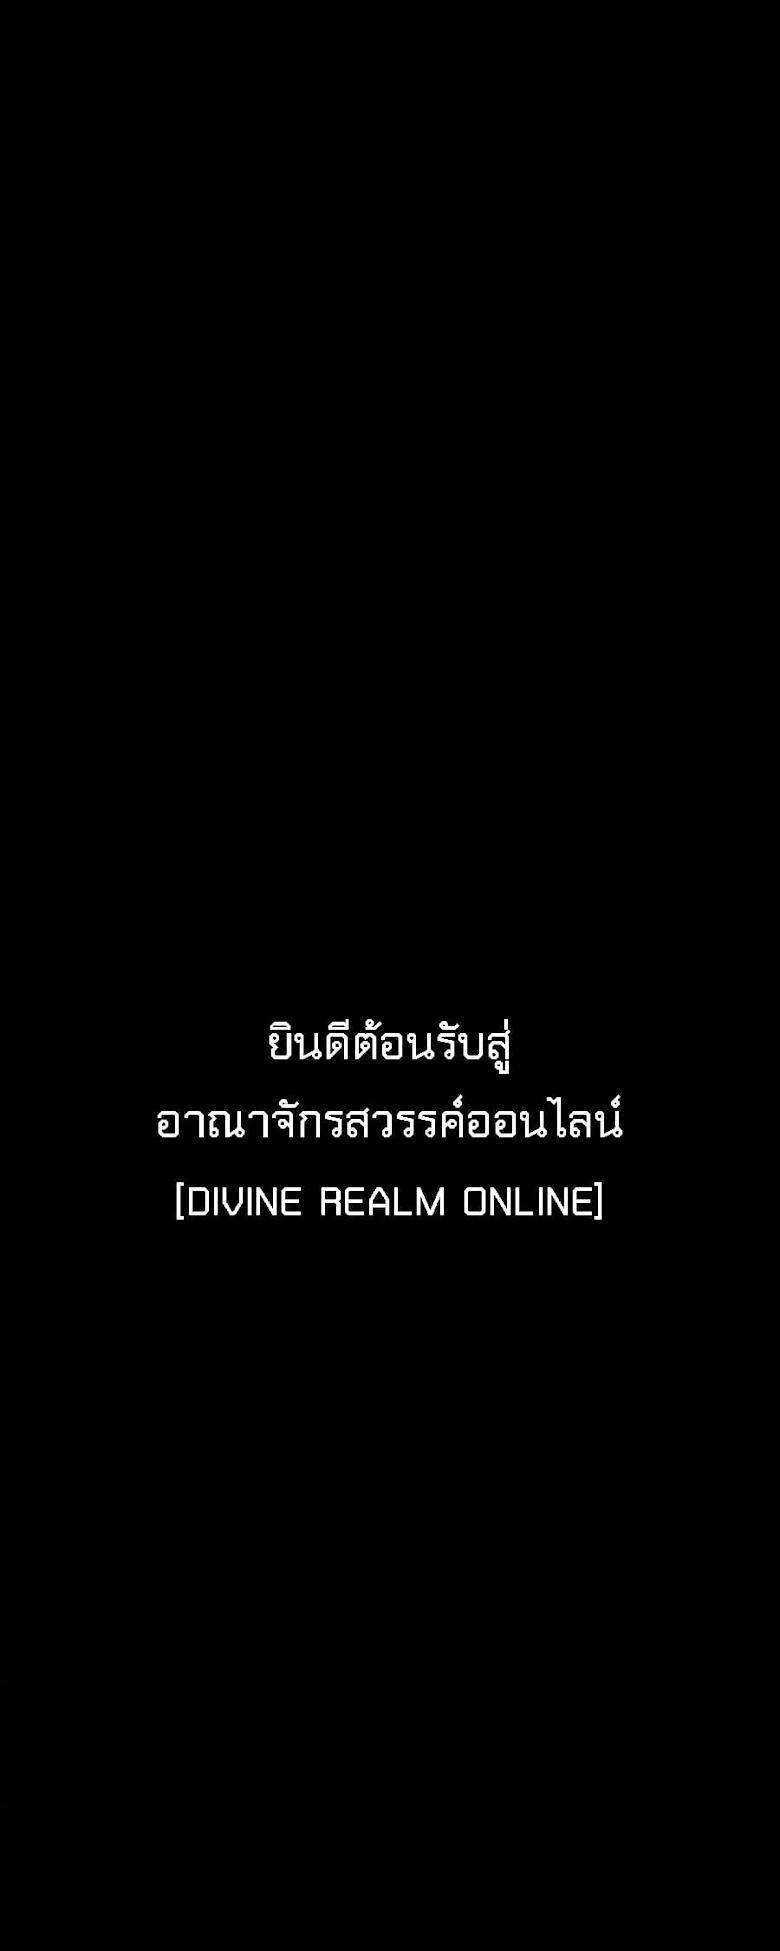 Divine Realm Online - หน้า 2